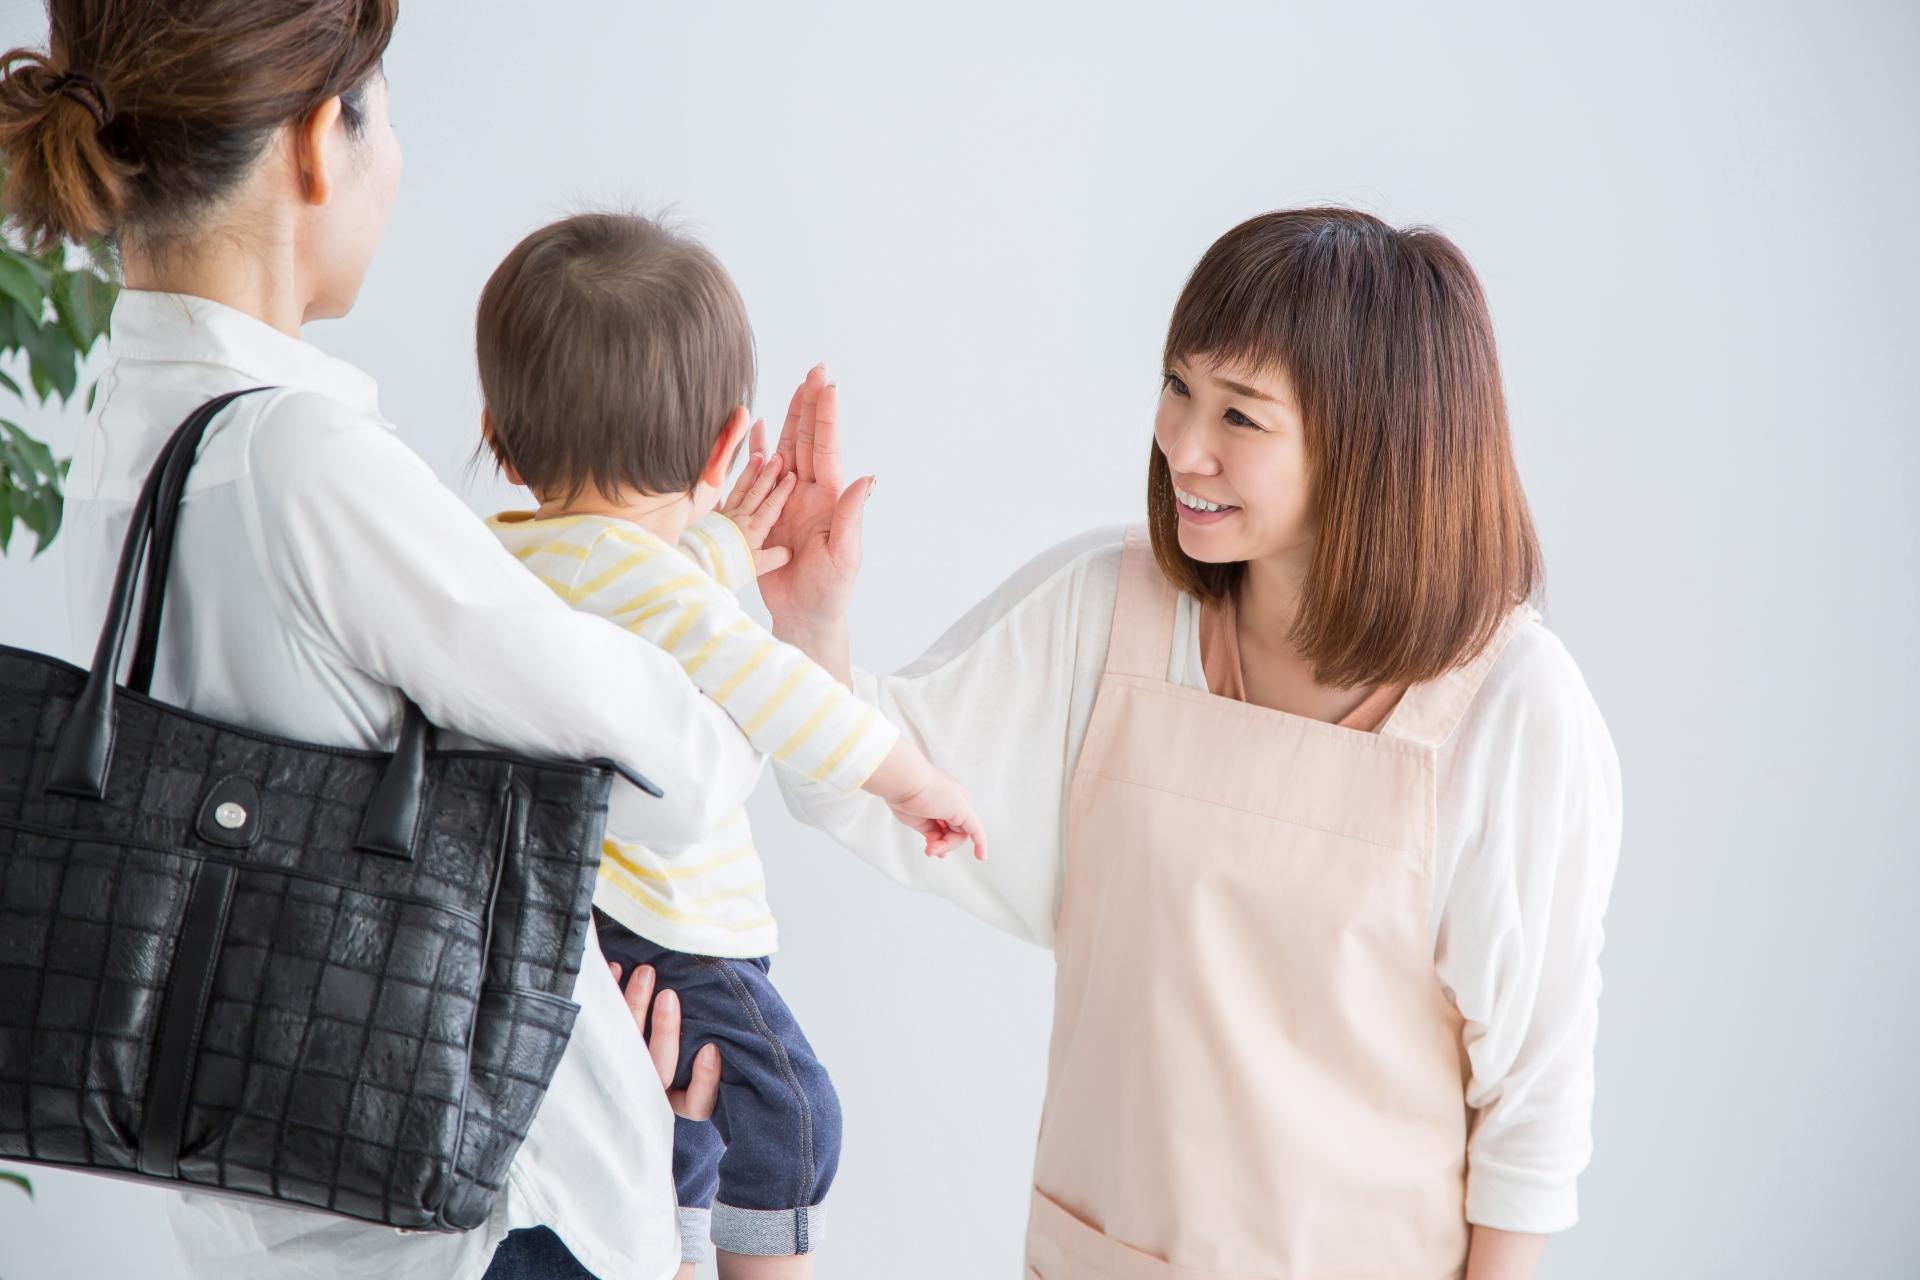 子育てママさん応援★託児所の利用が可能なパック詰め・野菜カットスタッフ業務風景